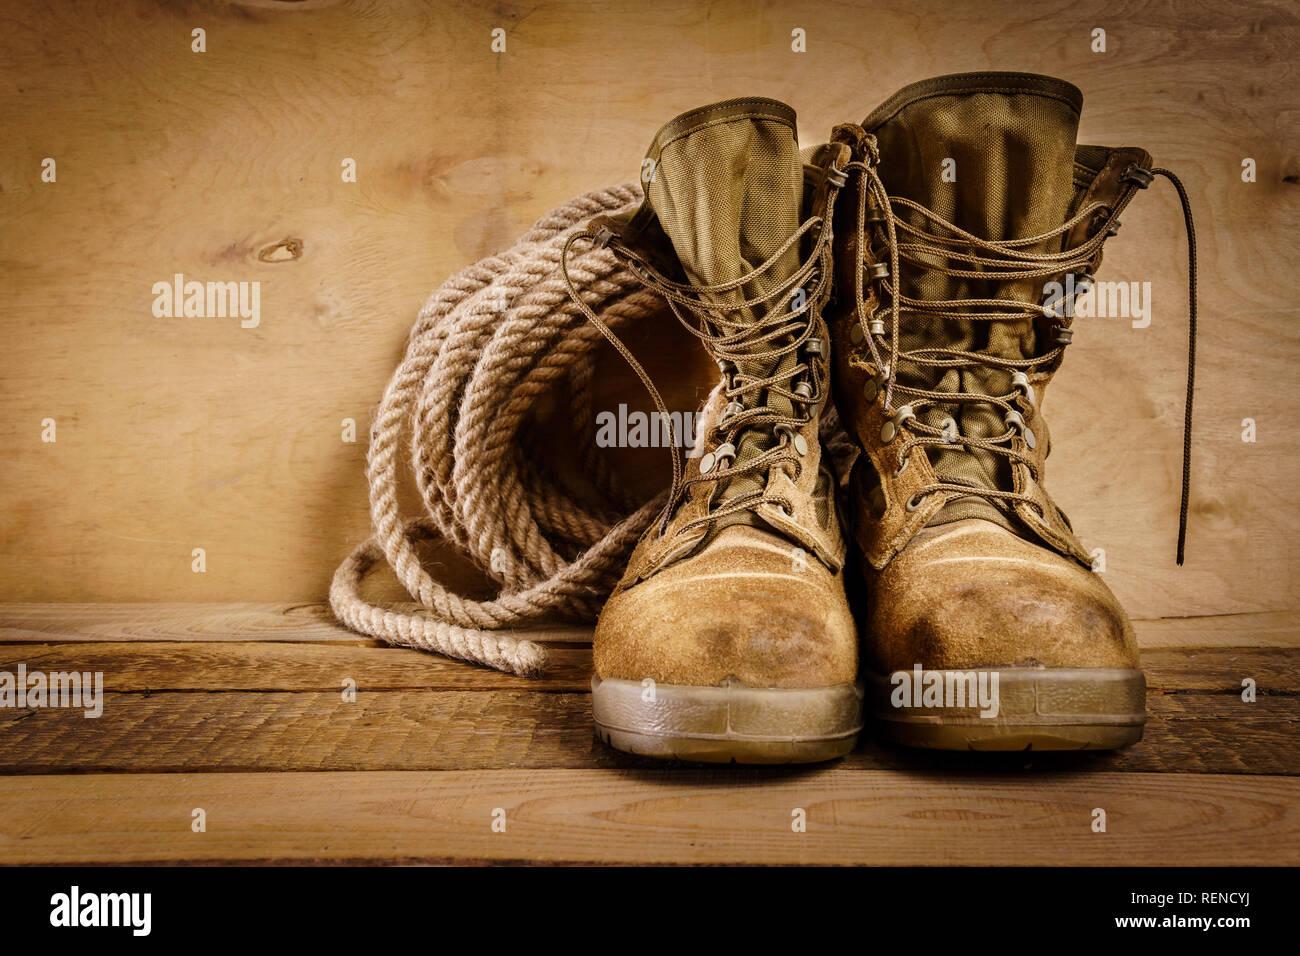 Viejas botas militares y cuerda sobre una mesa de madera Imagen De Stock